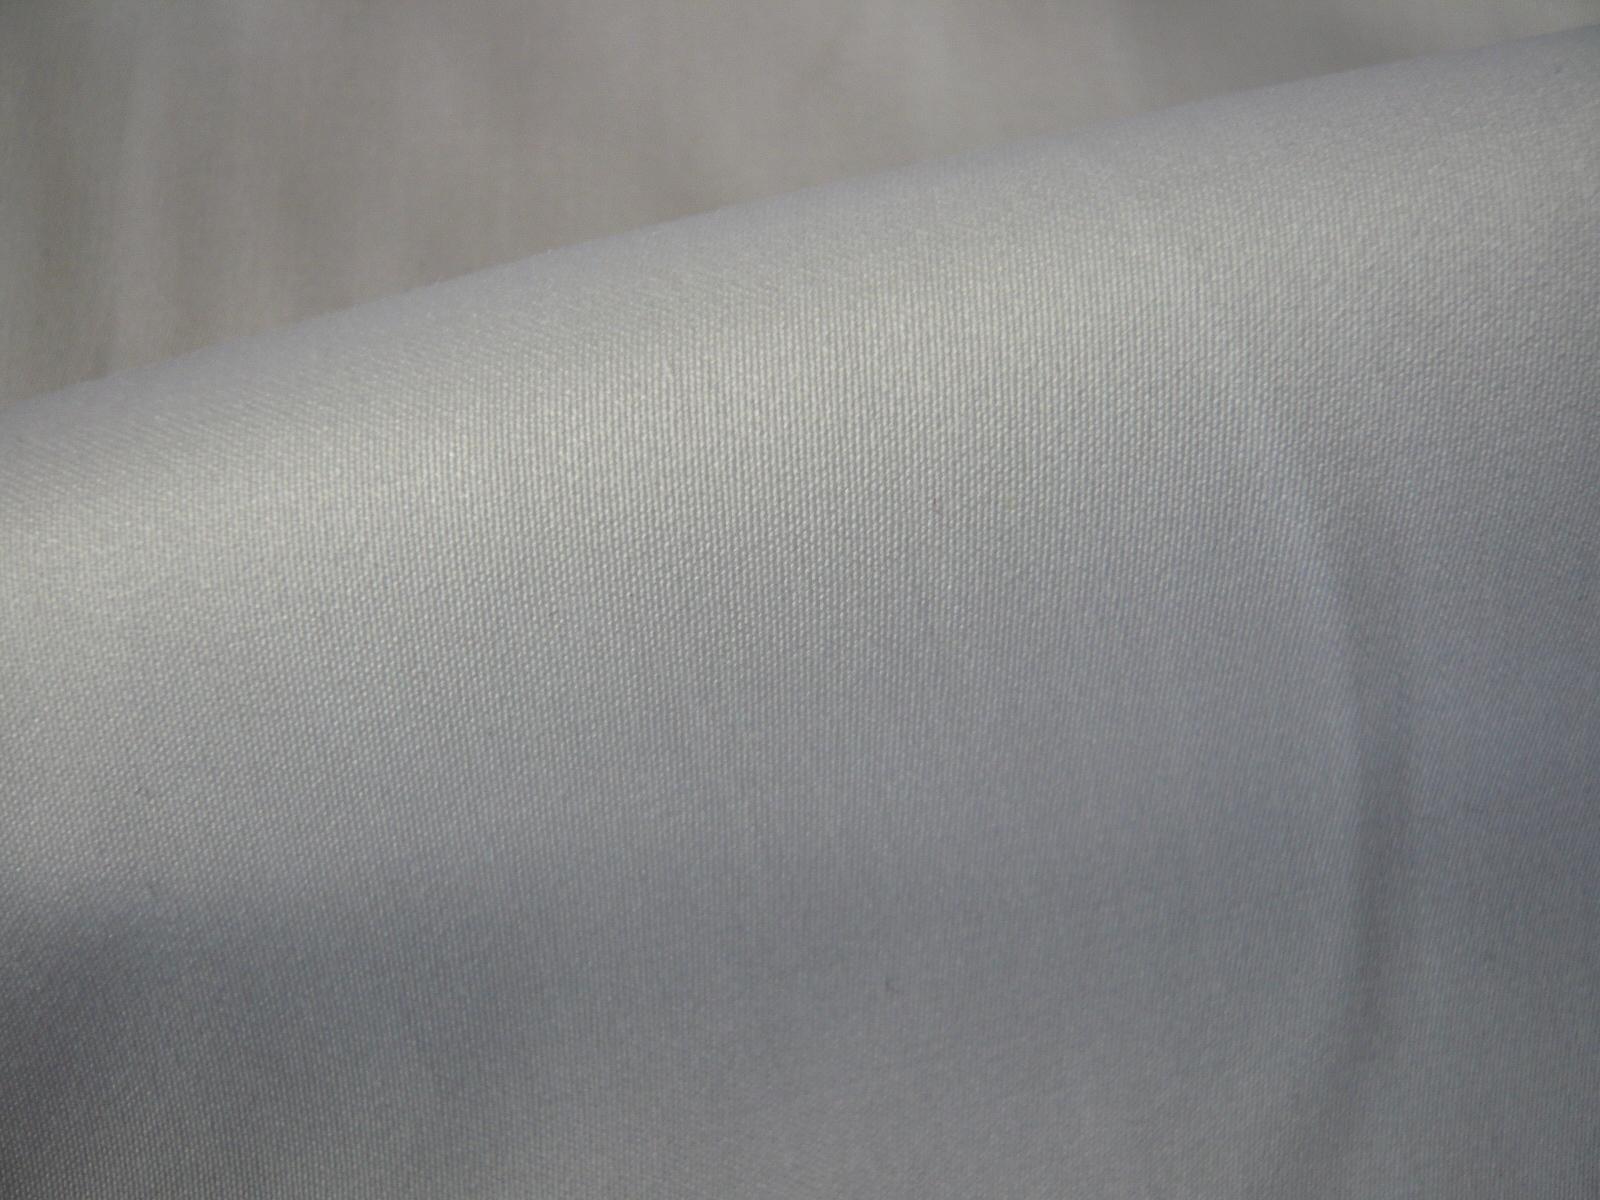 shirit fabric